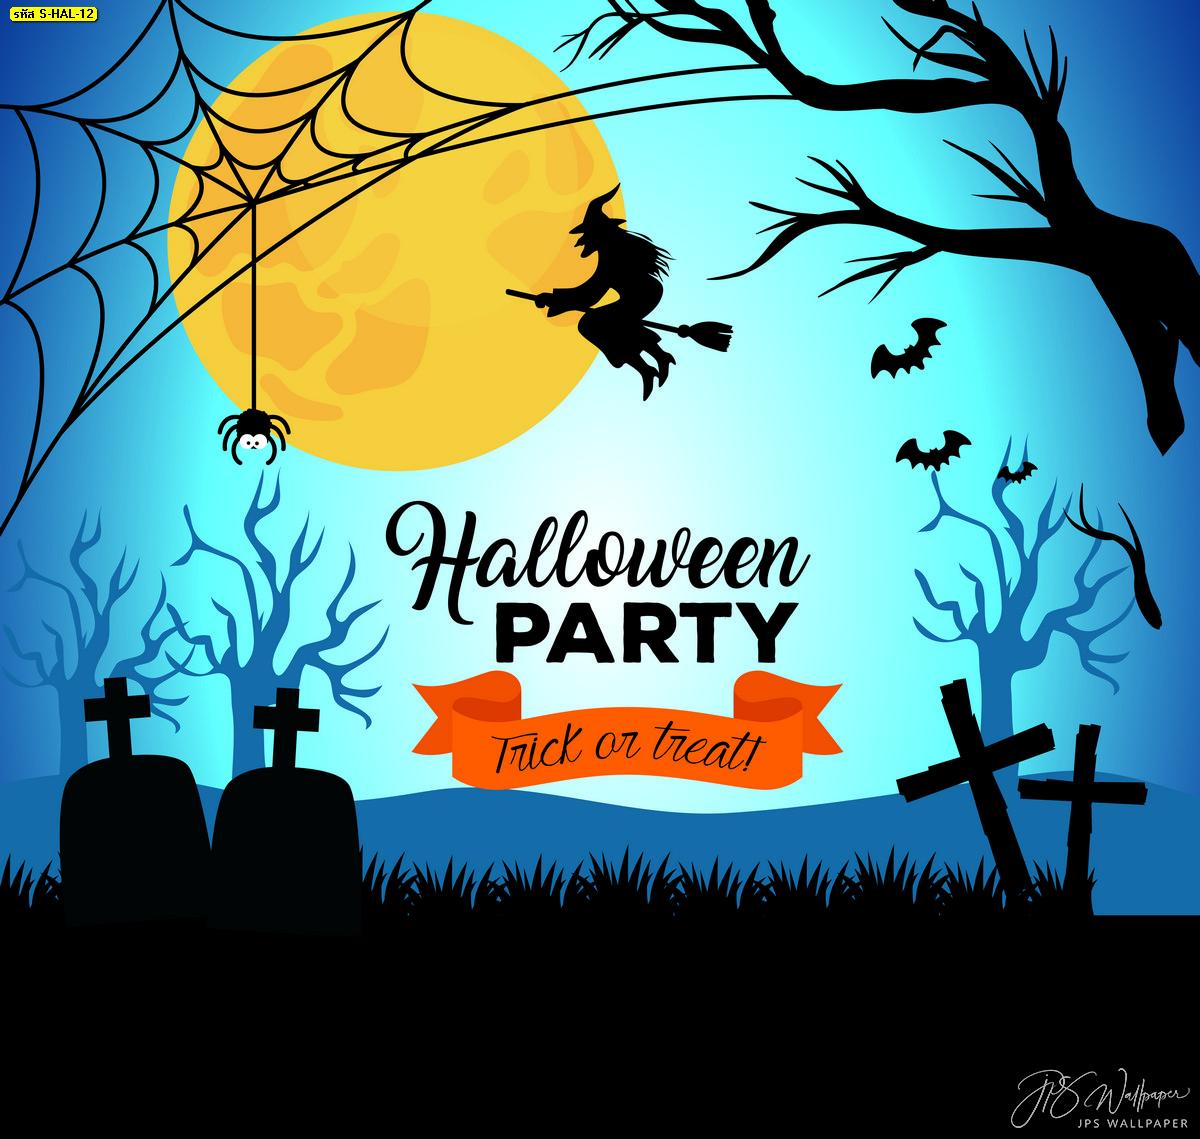 """ฮาโลวีนปาร์ตี้ """"หลอกหรือเลี้ยง"""" ภาพพื้นหลังวันฮาโลวีน Halloween Party Trick or Treat"""